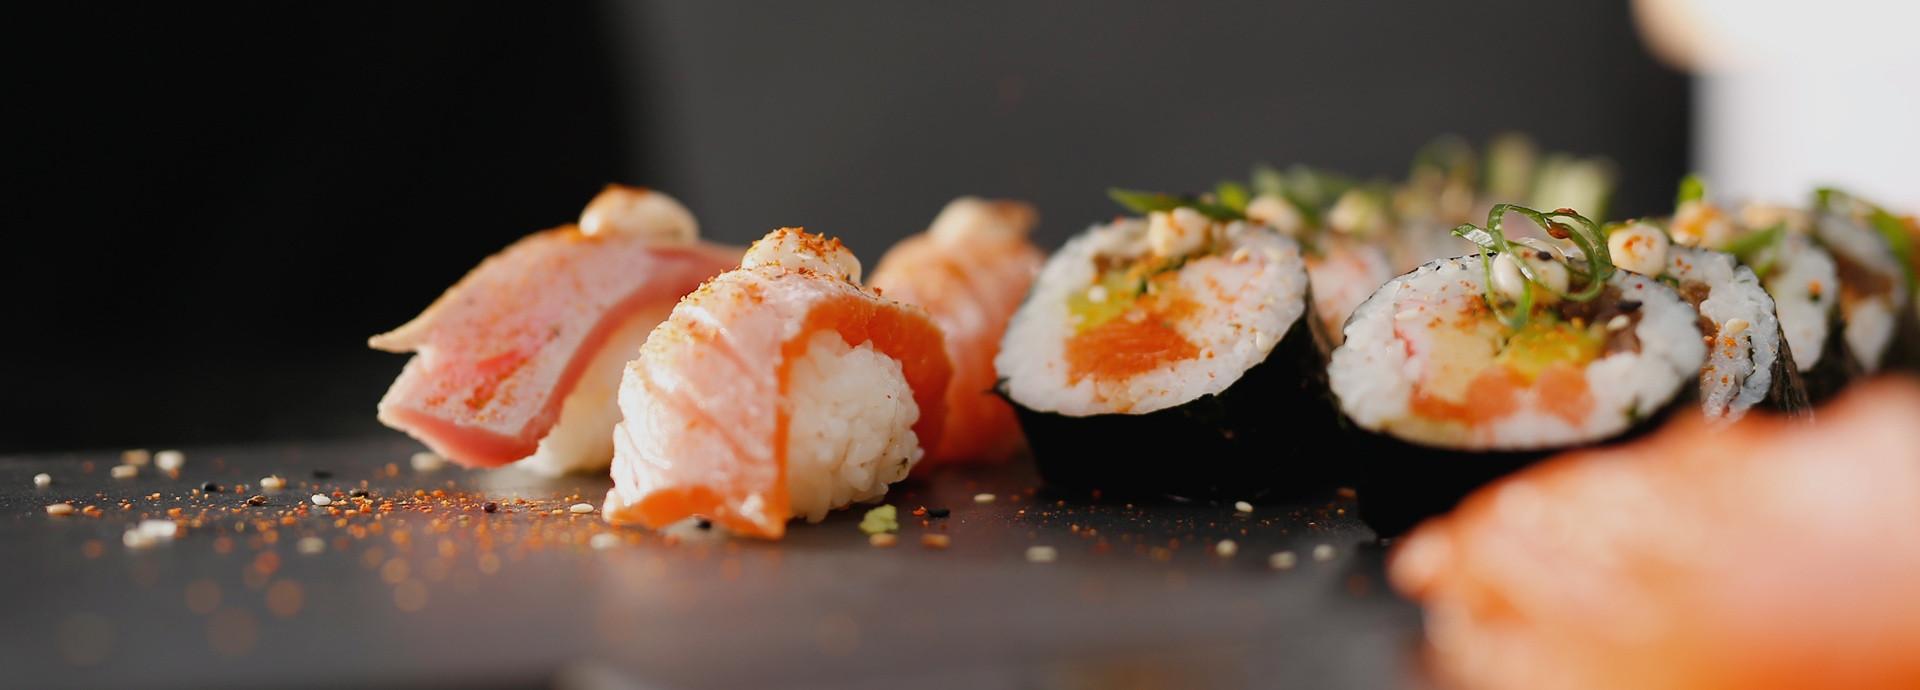 Kanda sushi - DUO